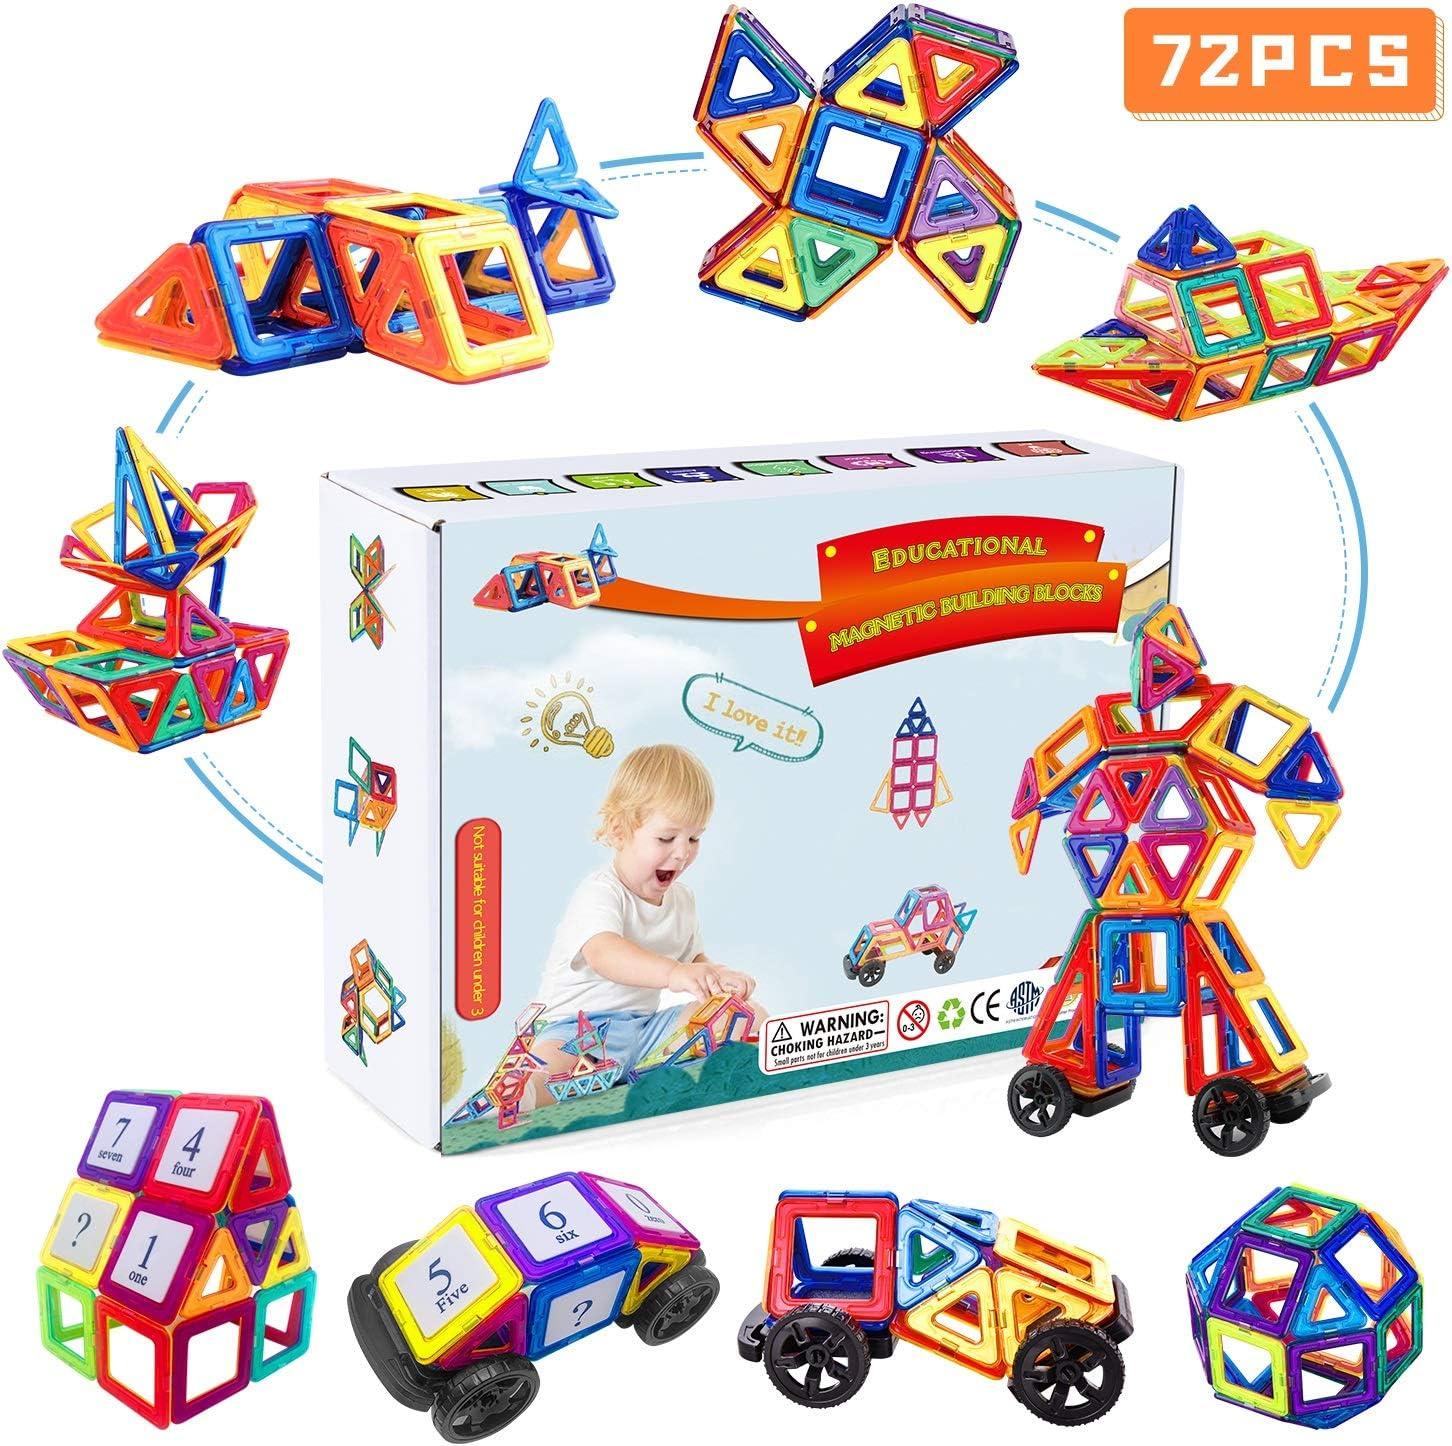 Fansteck Bloques Magneticos, 72 Piezas Juegos de Construcción, Juguetes Construcciones Magneticas 2D 3D,Imanes niños, Construccion Building Set, Regalo Educativo Creativo de Cumpleaños de niños 3 años